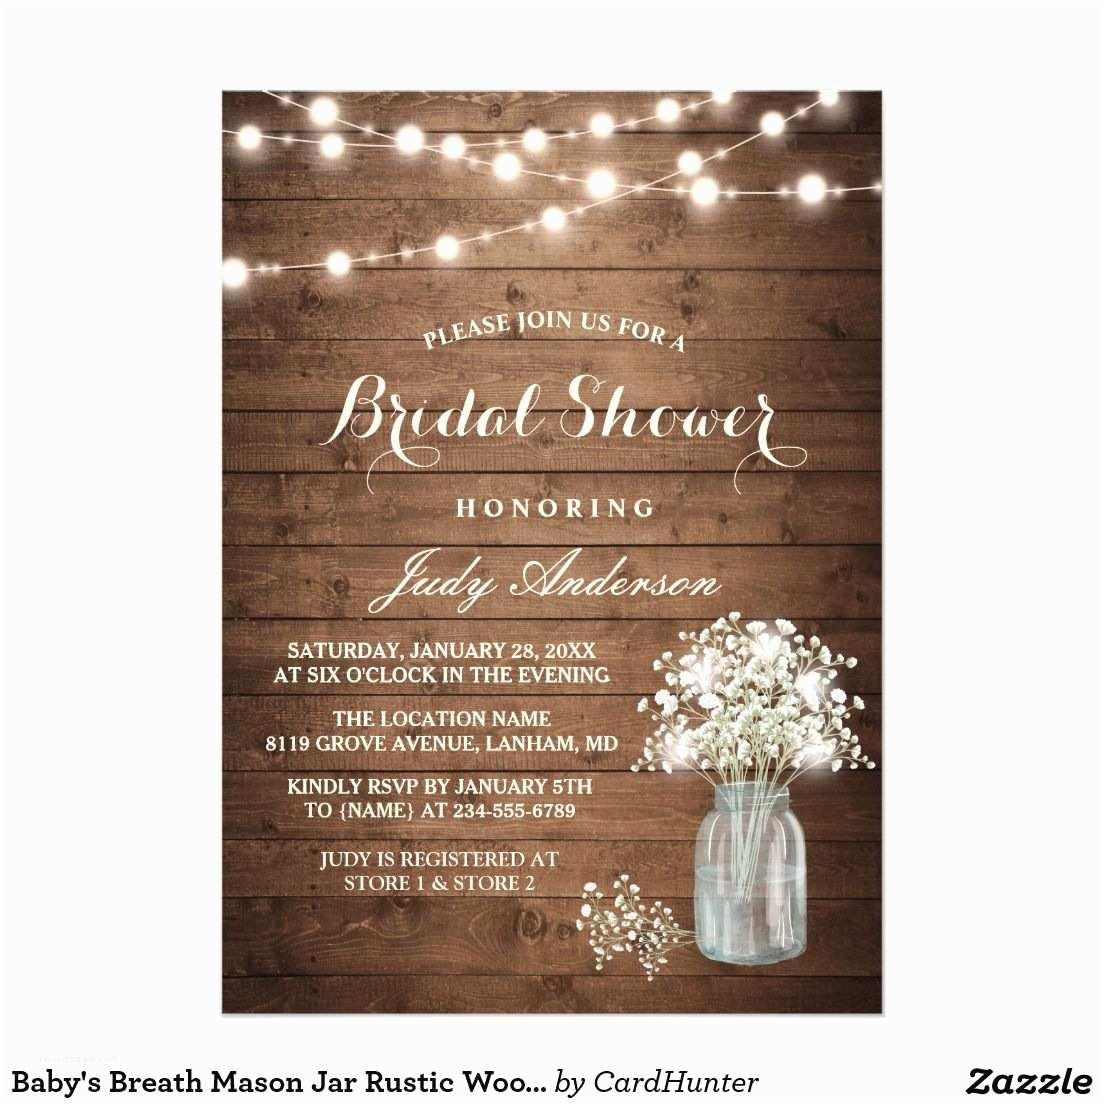 Rustic Wedding Shower Invitations Baby S Breath Mason Jar Rustic Wood Bridal Shower Card